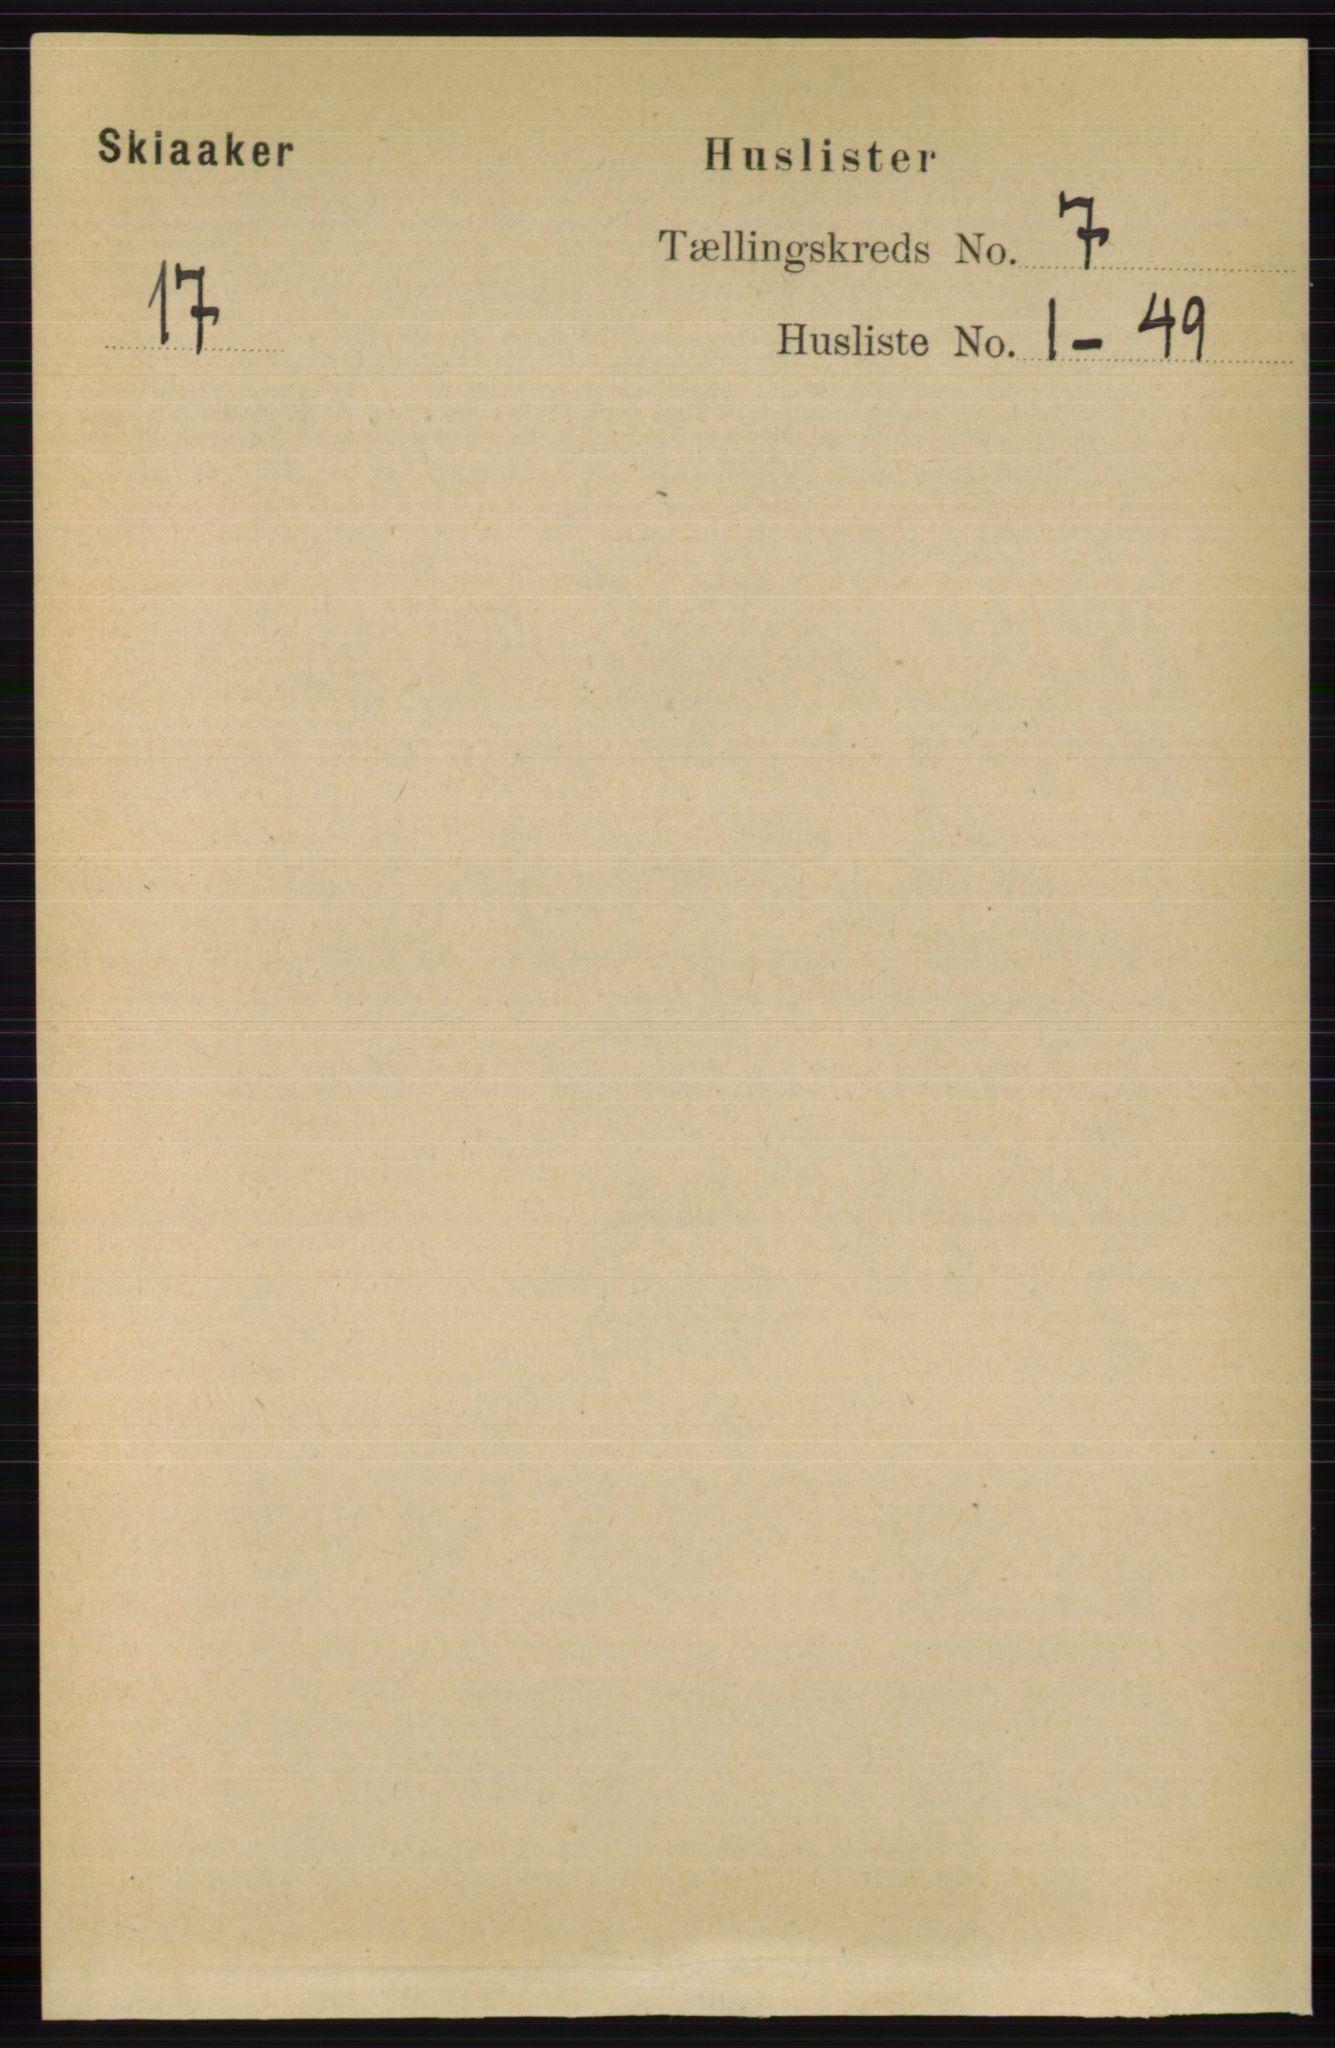 RA, Folketelling 1891 for 0513 Skjåk herred, 1891, s. 2240